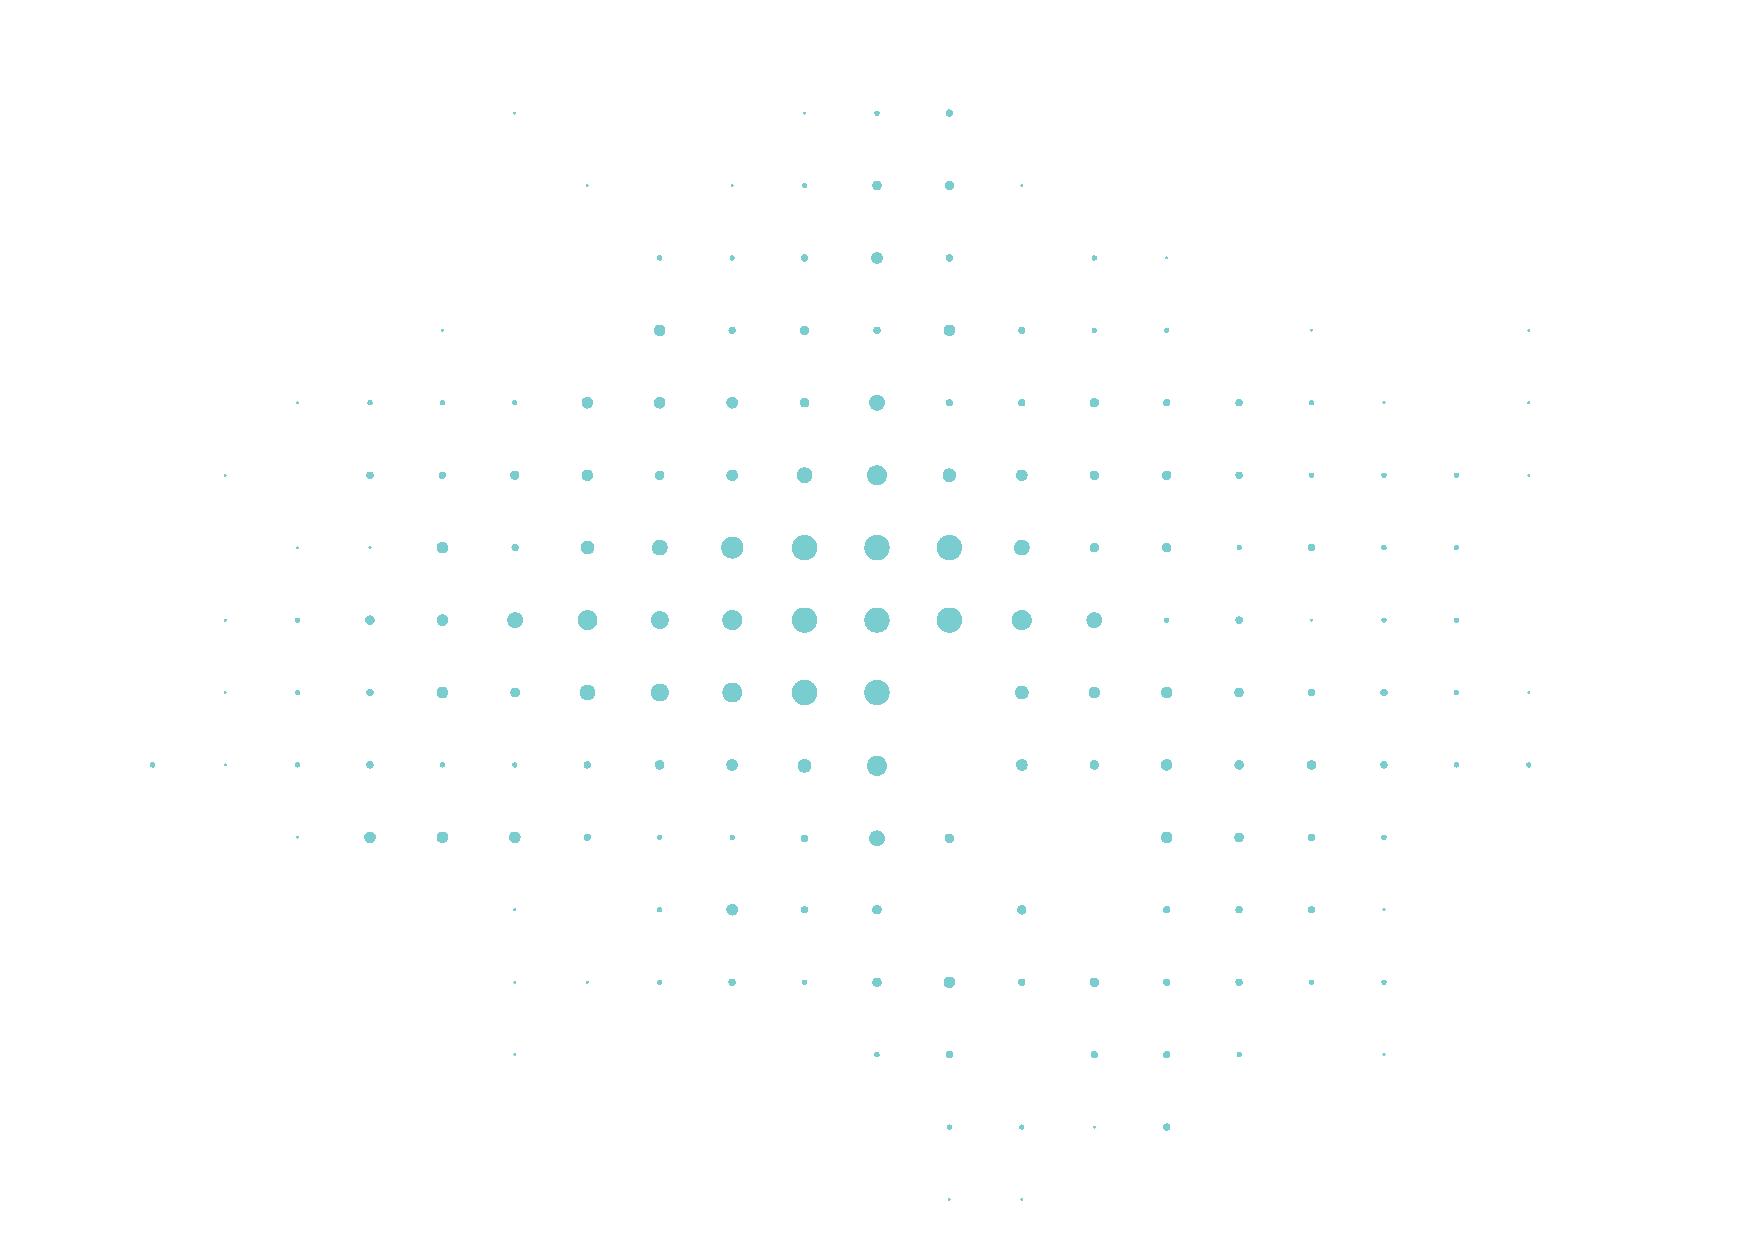 https://health-foundry.squarespace.com/grid_blue